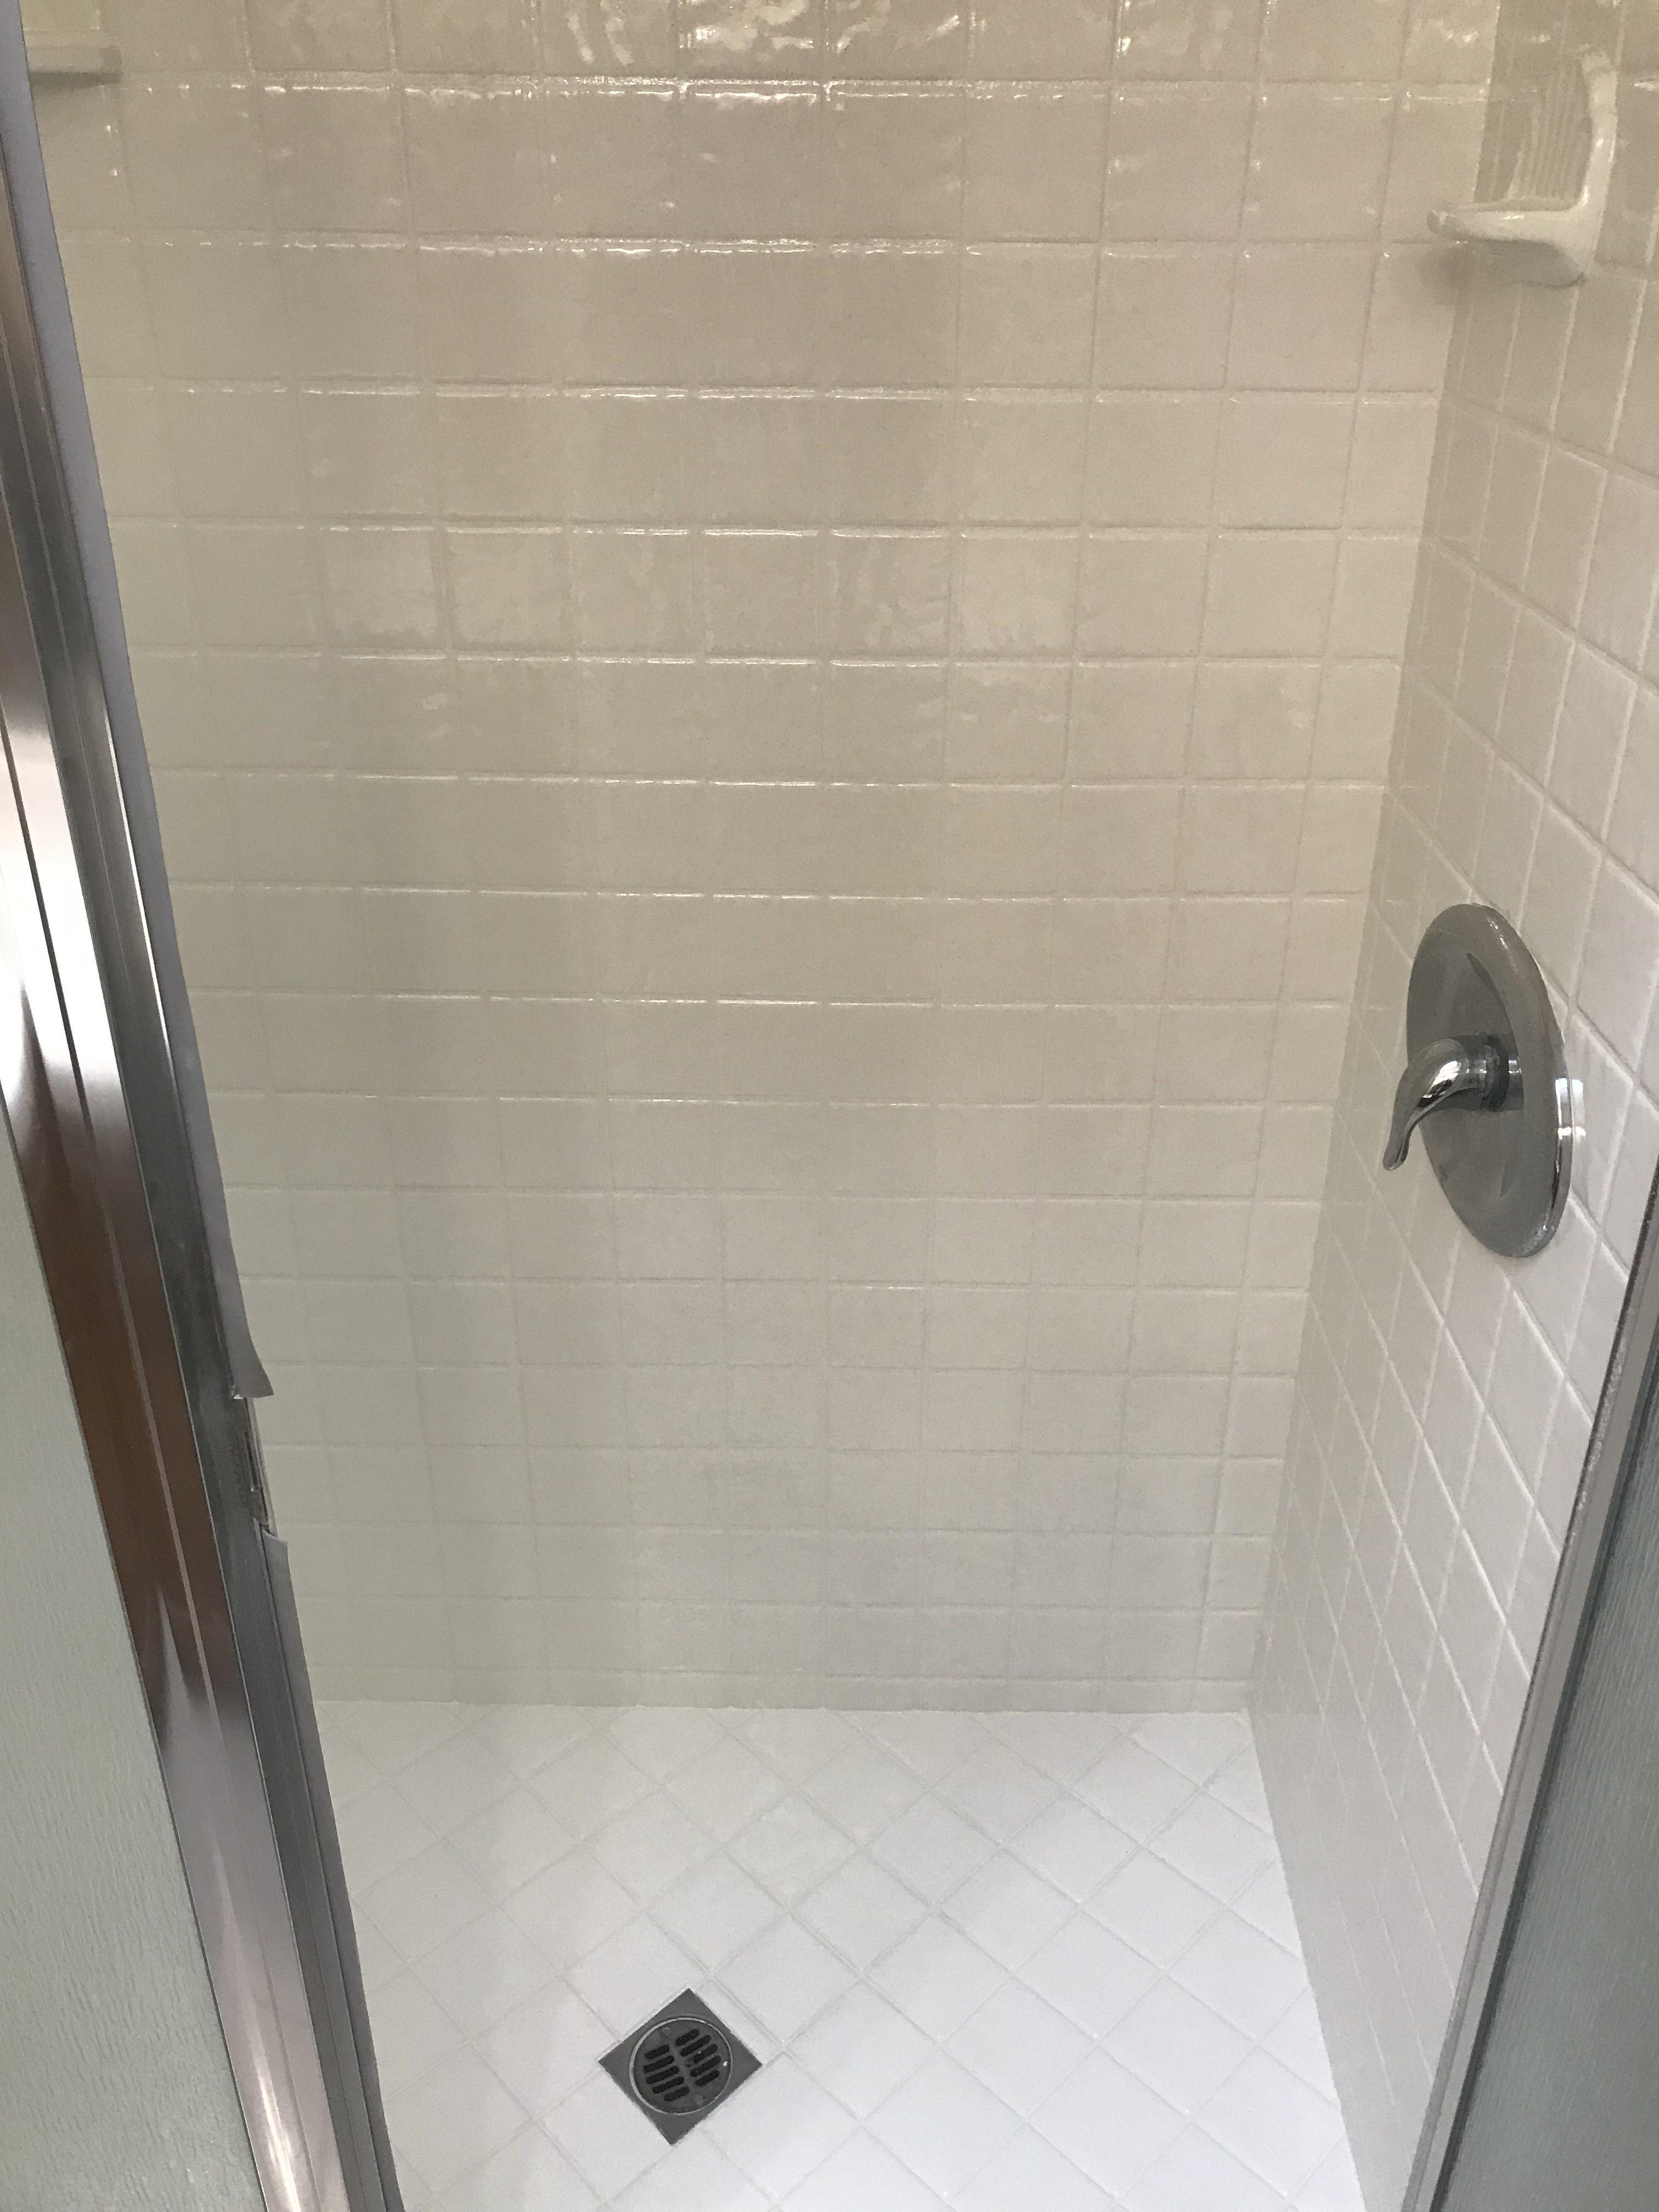 Shower Tile Refinishing After After - NuFinishPro